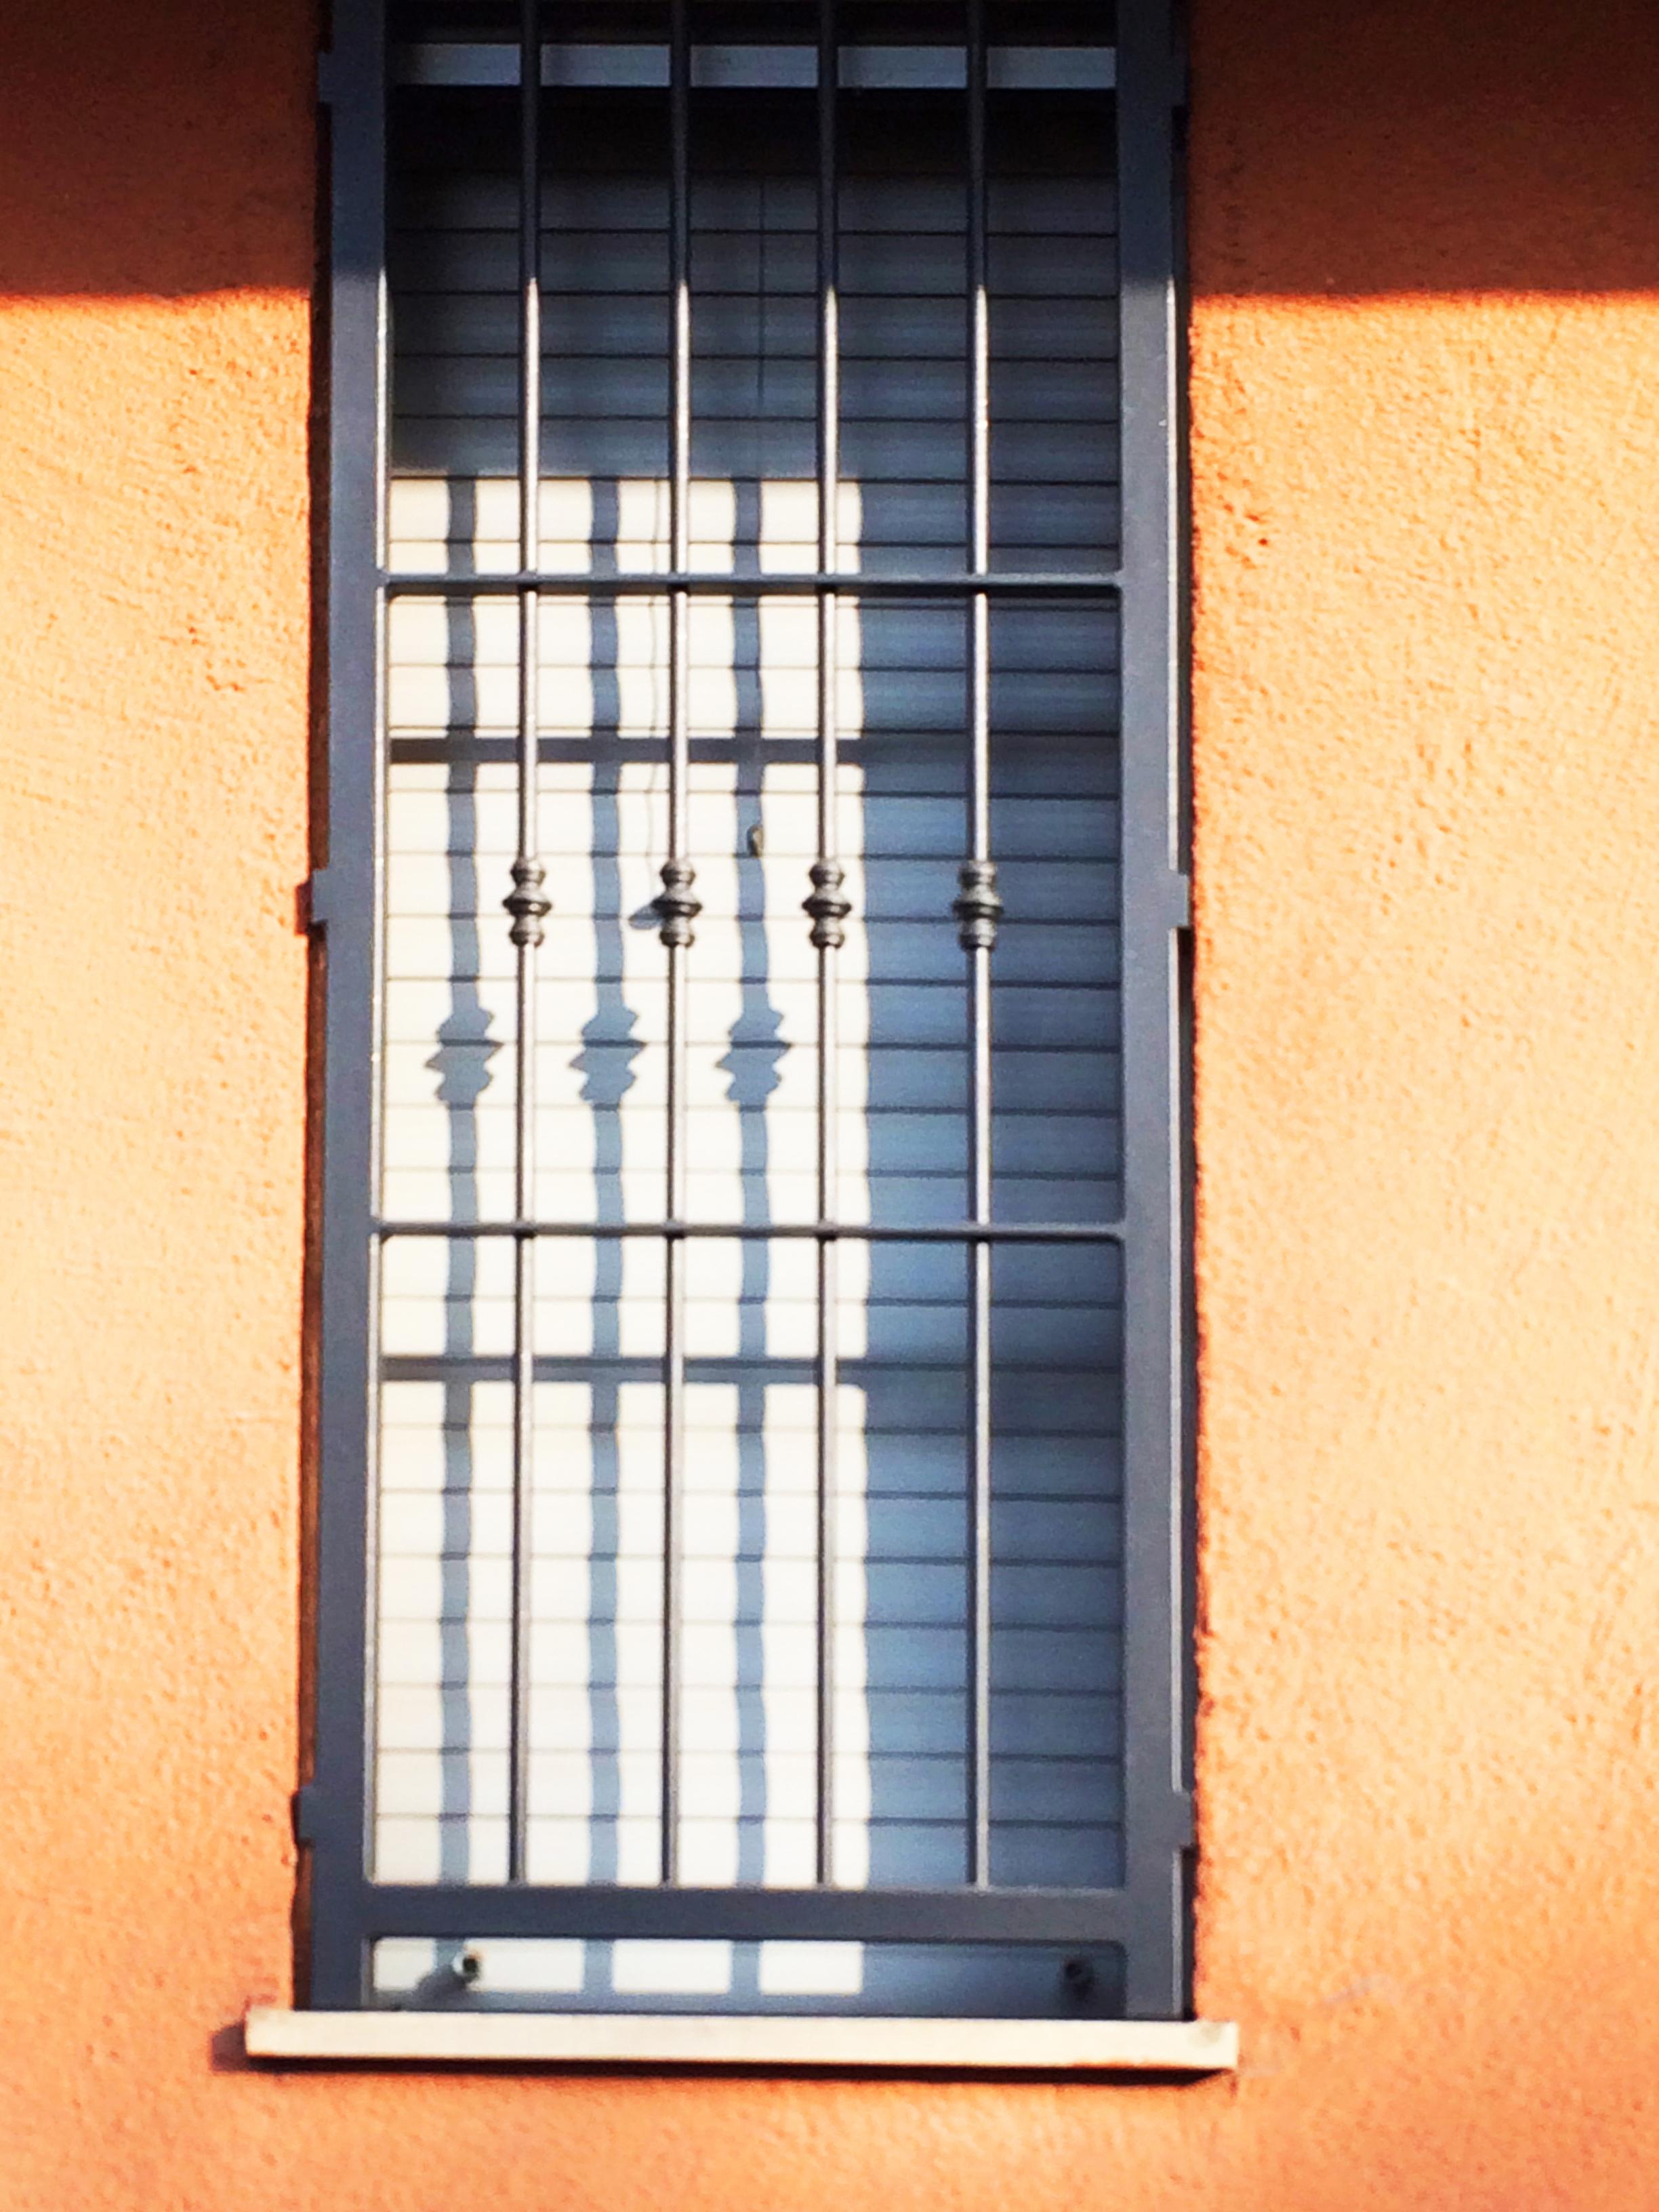 grata fissa finestra chiusa sicura affidabile